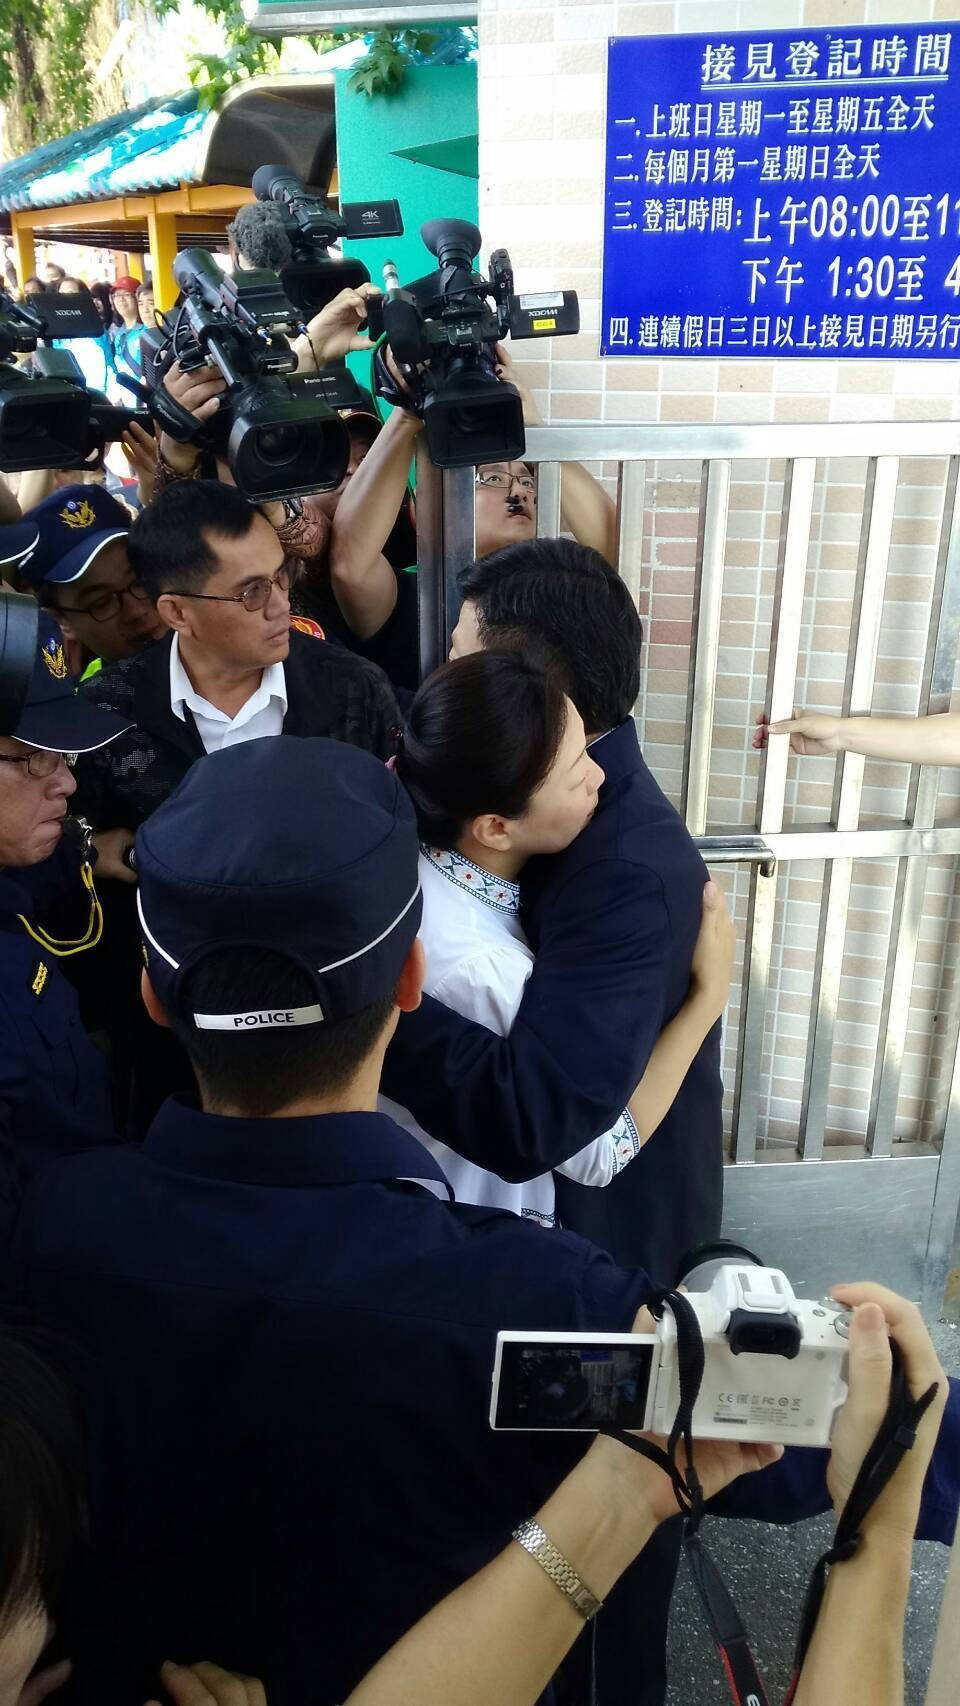 花蓮前縣長傅崐萁今天出獄,與妻子徐榛蔚相擁。記者余衡/攝影